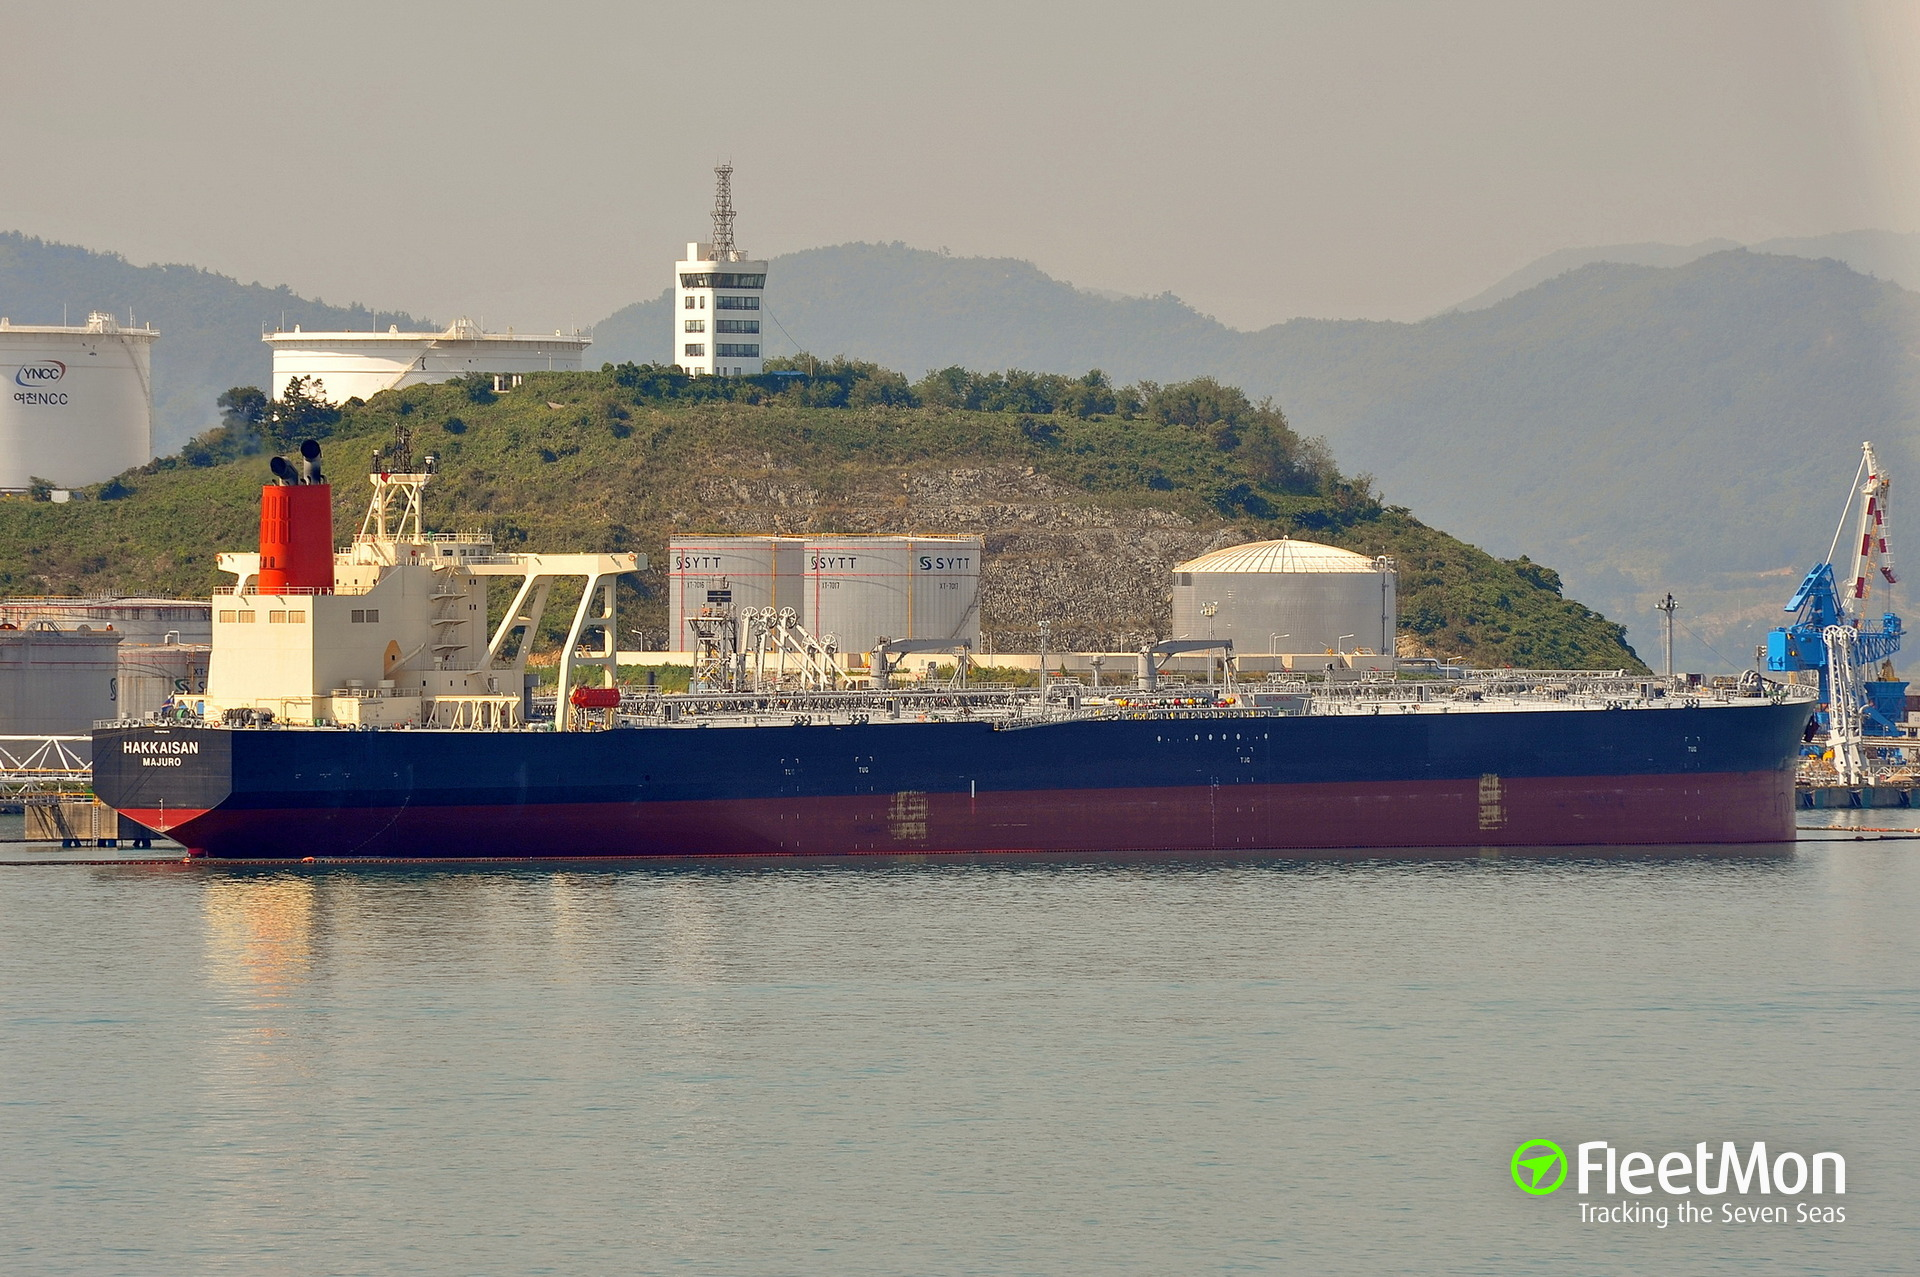 Hakkaisan Oil Tanker Imo 9376878